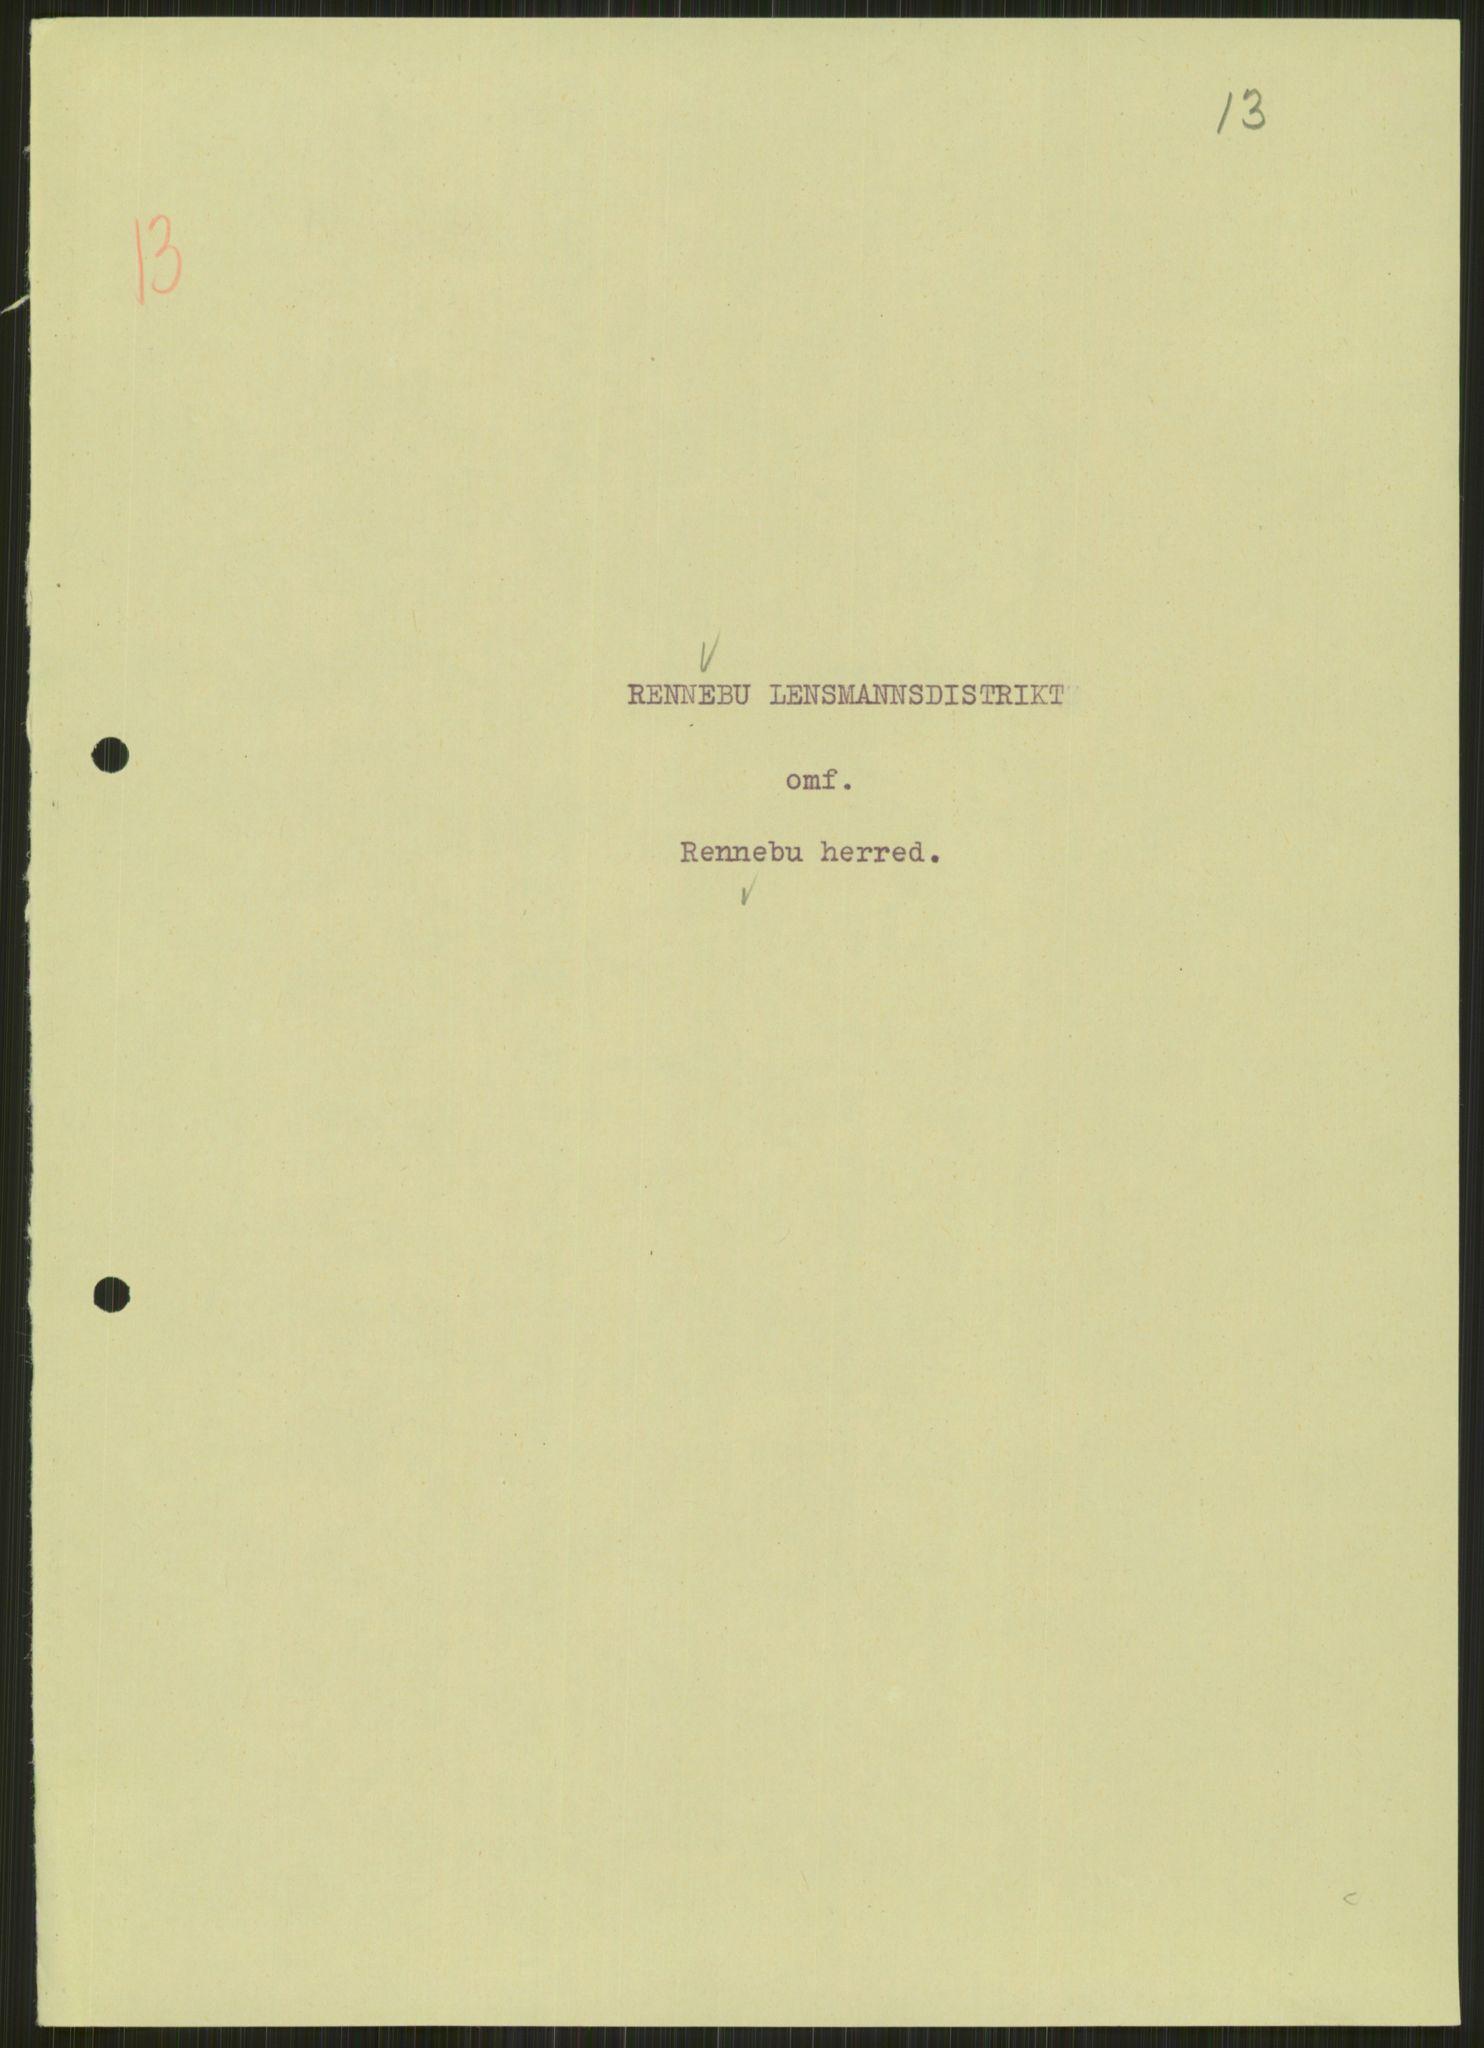 RA, Forsvaret, Forsvarets krigshistoriske avdeling, Y/Ya/L0016: II-C-11-31 - Fylkesmenn.  Rapporter om krigsbegivenhetene 1940., 1940, p. 88